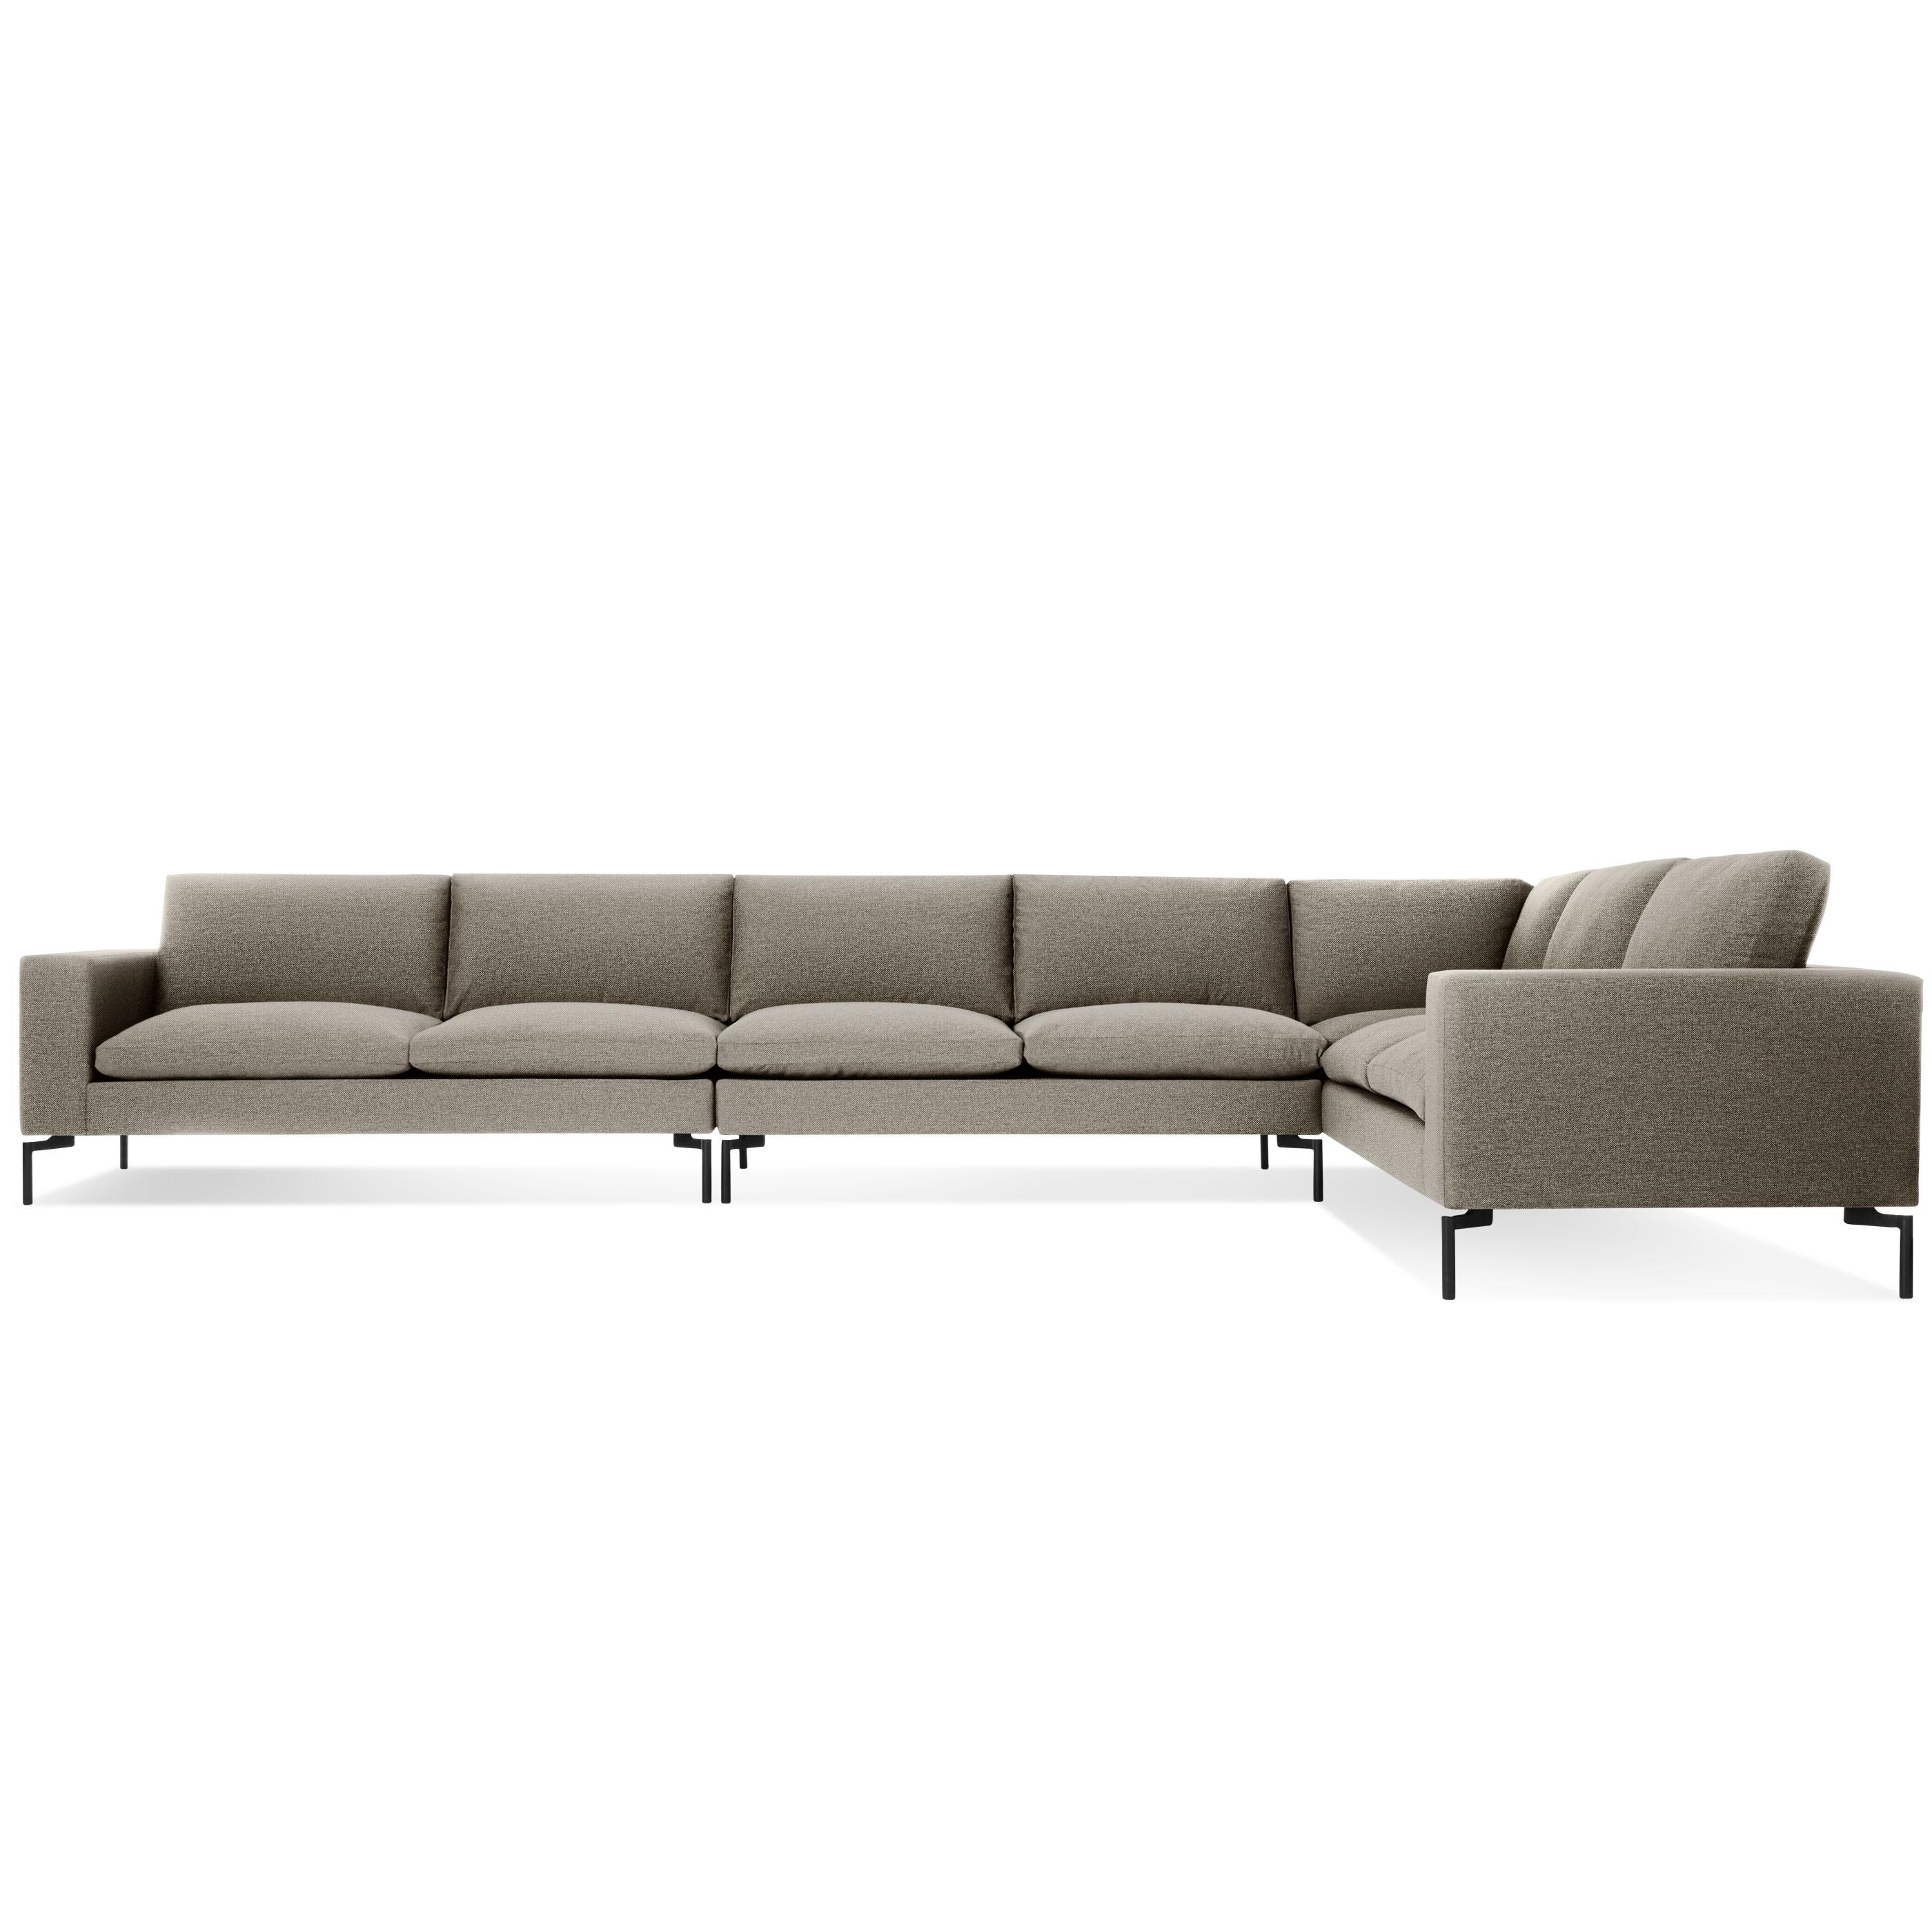 Nova Scotia Sectional Sofas Pertaining To Newest New Standard Large Sectional Sofa – Large Sofas (View 12 of 15)